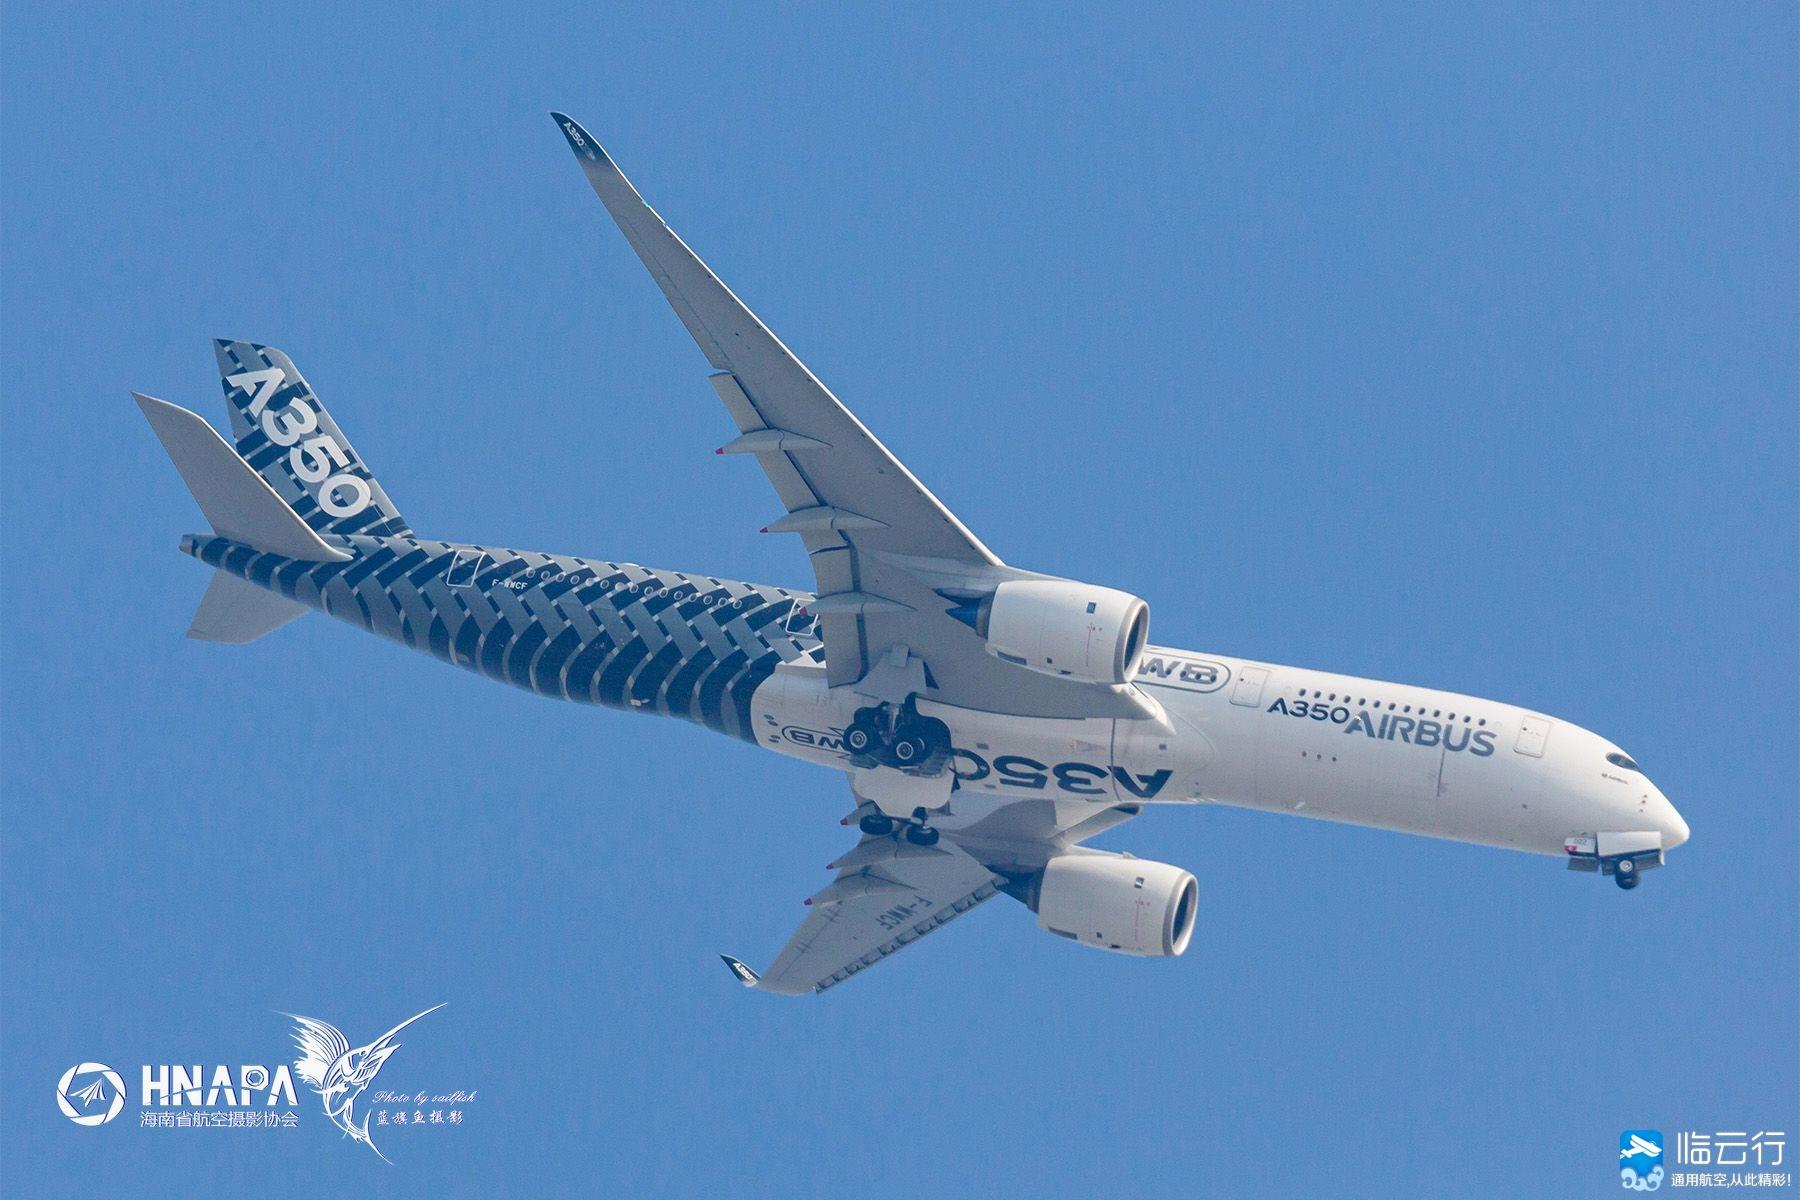 【蓝旗鱼摄影】初见A350[8P] - 临云行 - 【临云行】·【蓝旗鱼摄影】初见A350[8P]